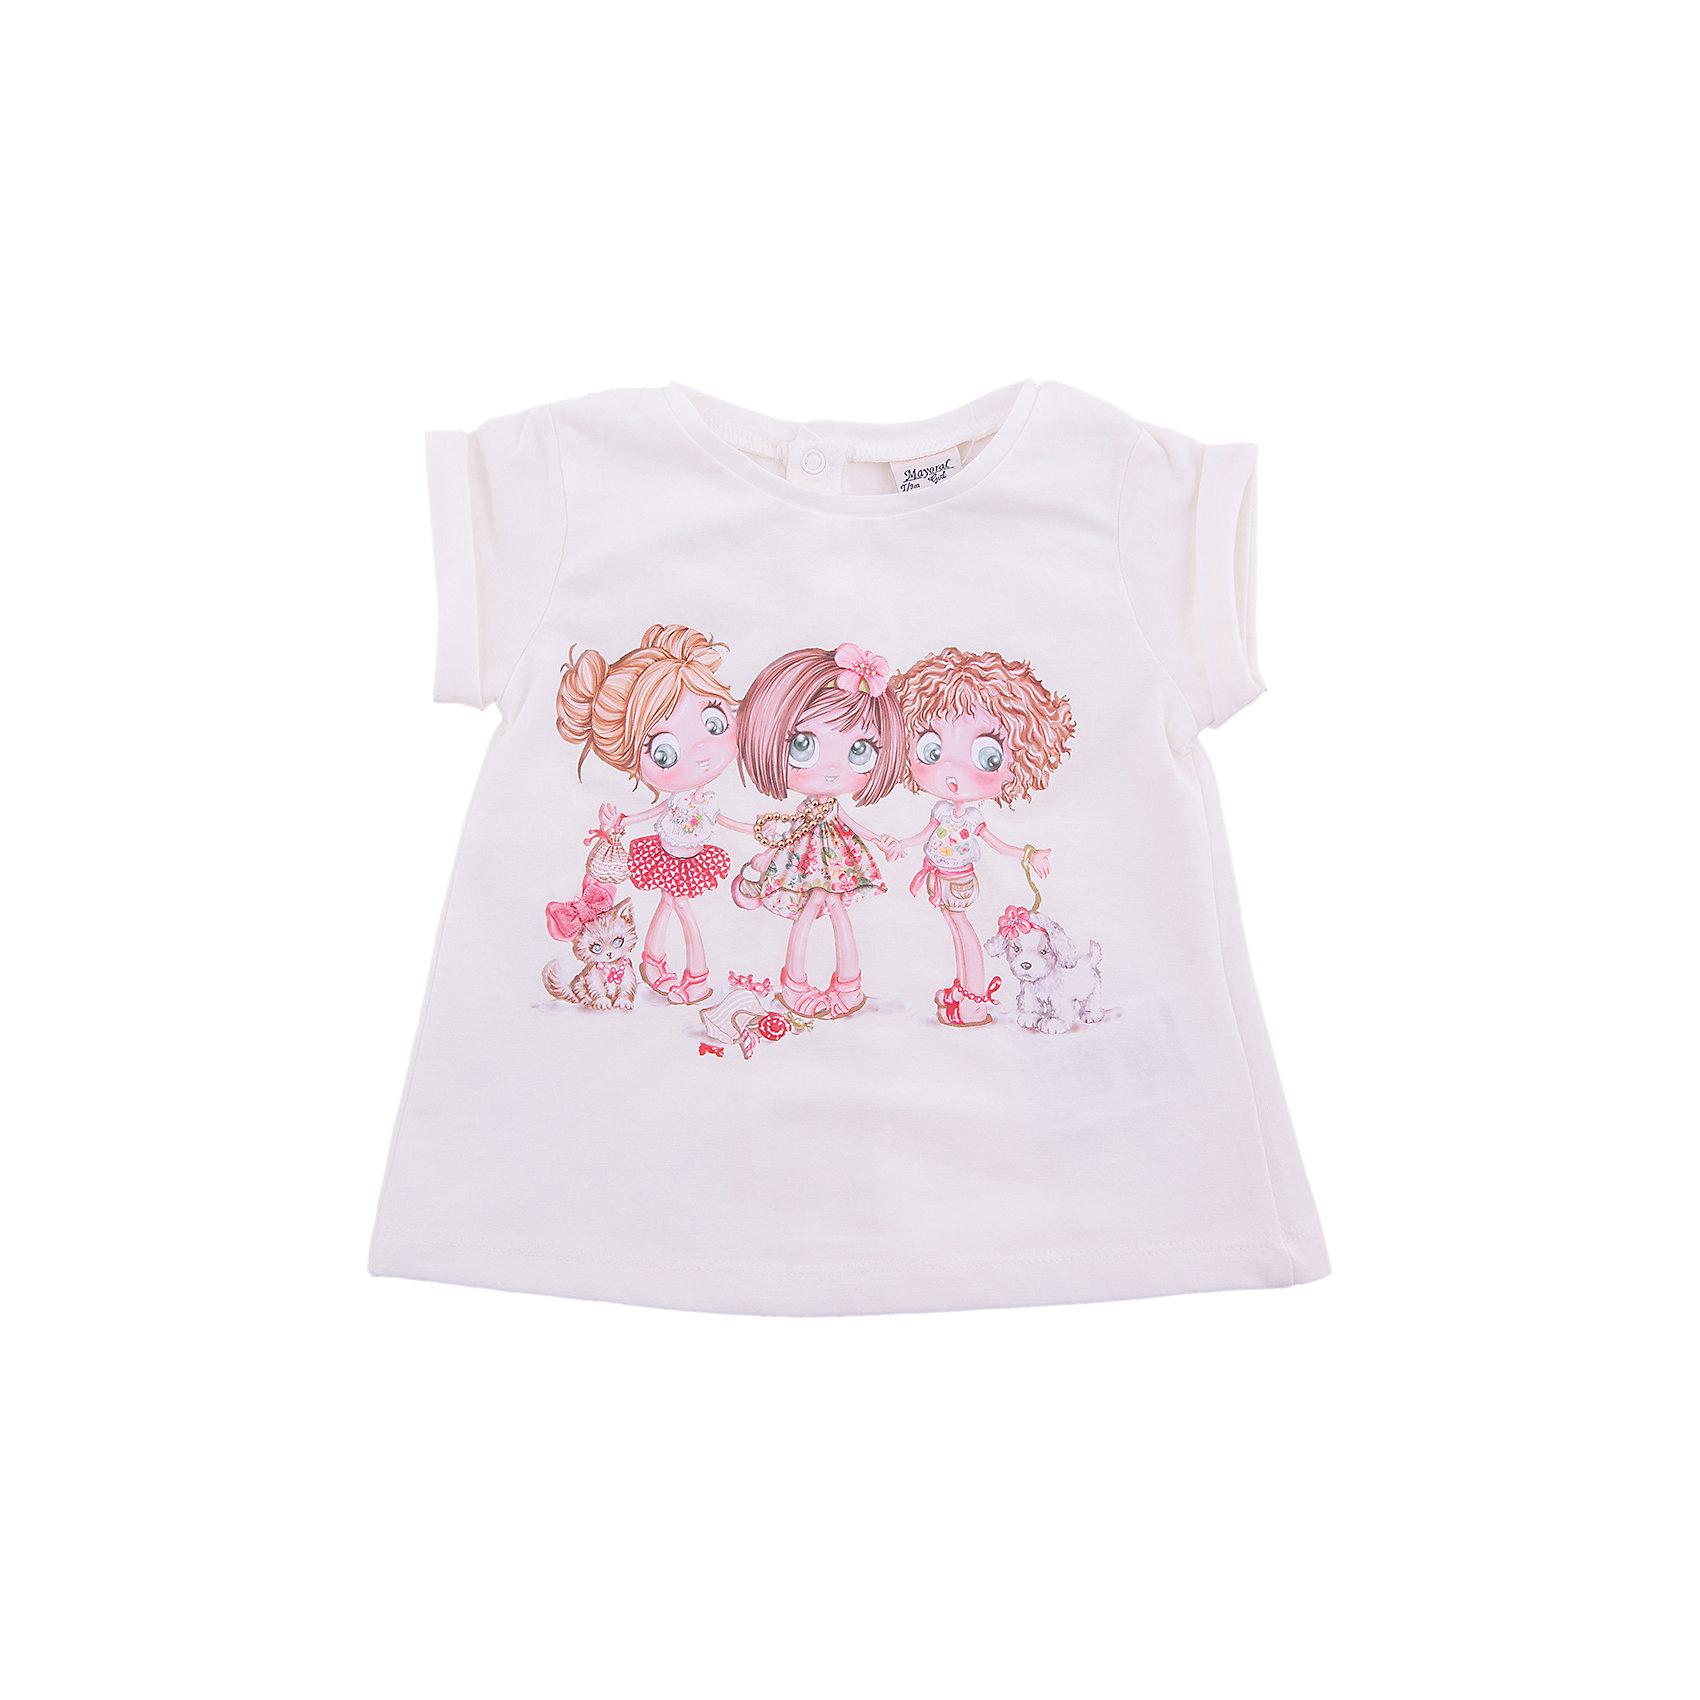 Футболка  MayoralФутболка для девочки от популярной испанской марки Mayoral.<br><br>Модная кремовая футболка от бренда Mayoral (Майорал) – отличный вариант летней одежды для девочек. Декорирована модель оригинальным принтом (девочки с щенками). Застегивается сзади на кнопки. На спинке - красиво присборена.<br>Продуманный крой и качественный материал обеспечивают комфорт для детей при ношении этой вещи. Натуральный хлопок в составе ткани футболки делает ее дышащей и приятной на ощупь.<br><br>Состав: 98% хлопок, 2% эластан.<br><br>Уход за изделием:<br><br>стирка в машине при температуре до 30°С,<br>не отбеливать,<br>гладить на низкой температуре.<br>Габариты:<br><br>длина по спинке – 32 см.<br><br>*Числовые параметры соответствуют росту 74<br><br>Футболку для девочки Mayoral (Майорал) можно купить в нашем магазине.<br><br>Ширина мм: 199<br>Глубина мм: 10<br>Высота мм: 161<br>Вес г: 151<br>Цвет: бежевый<br>Возраст от месяцев: 6<br>Возраст до месяцев: 9<br>Пол: Унисекс<br>Возраст: Детский<br>Размер: 74<br>SKU: 4232195